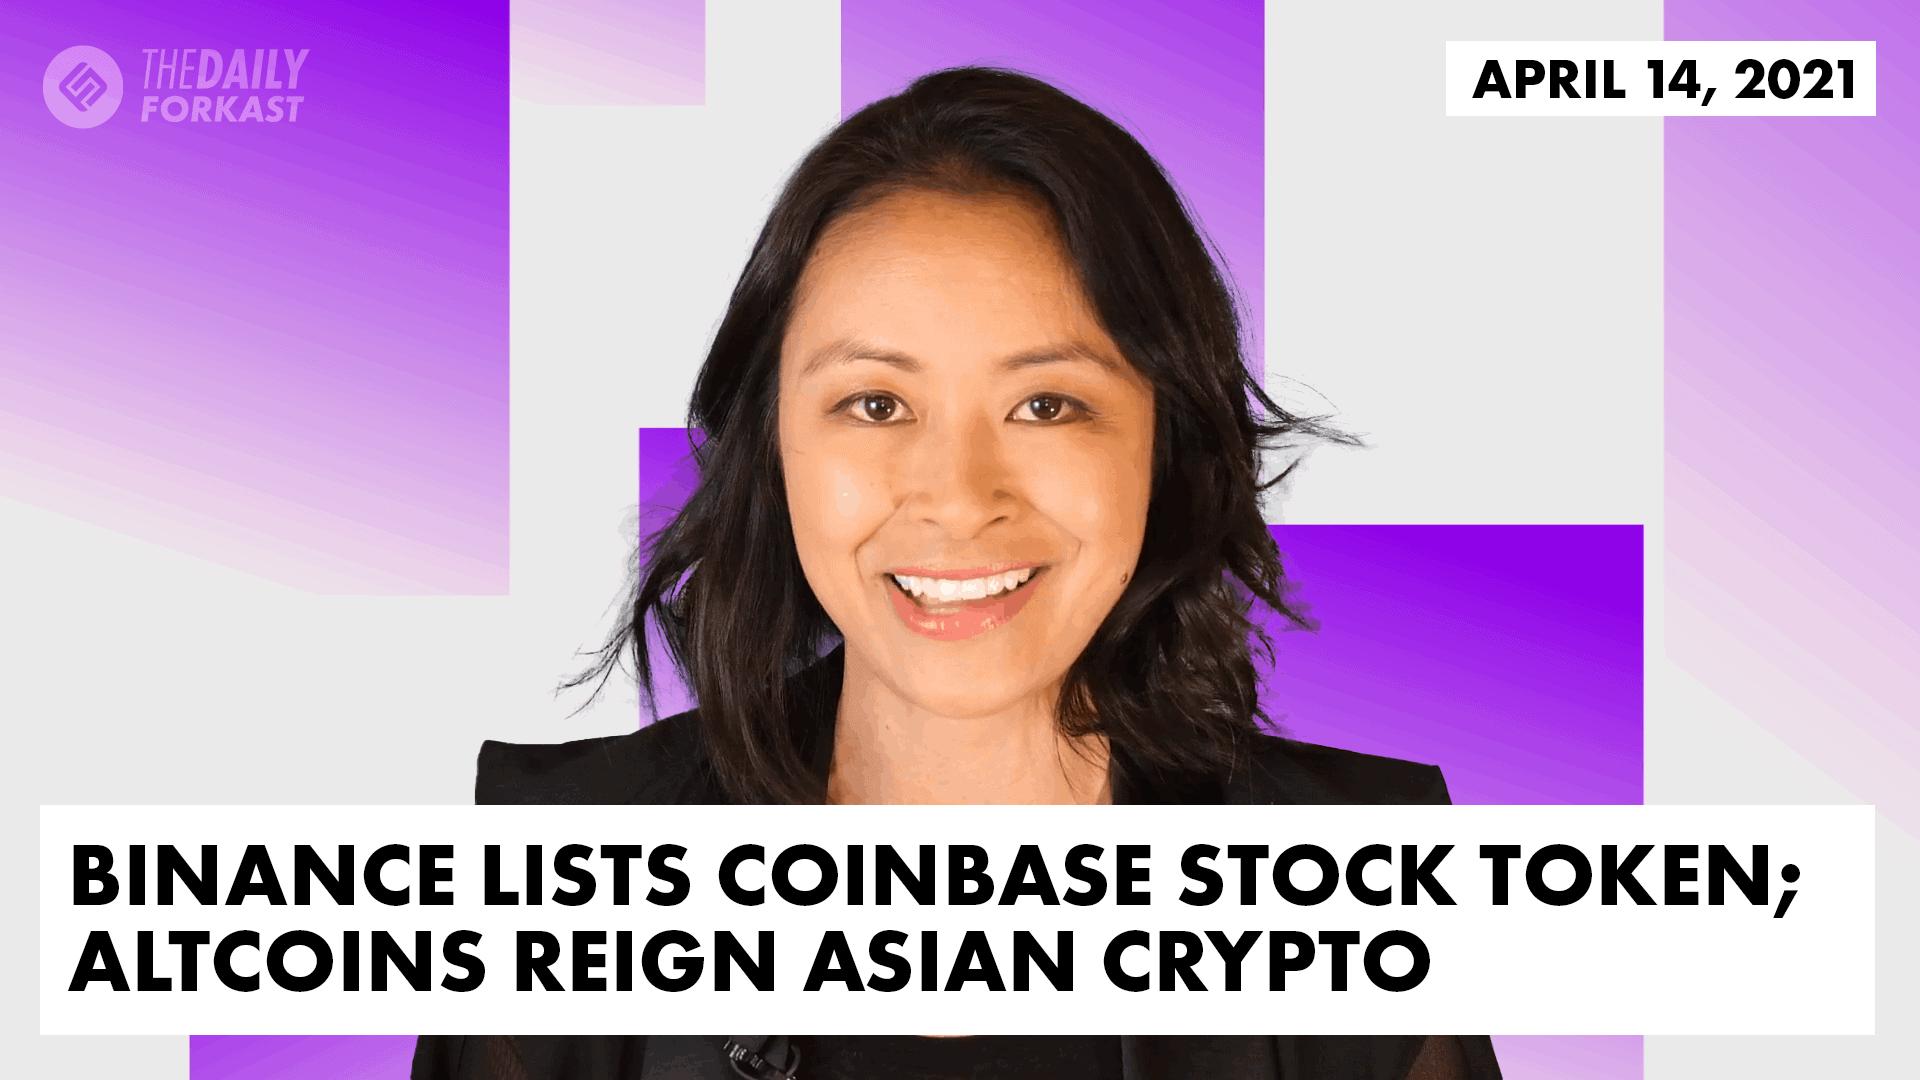 Binance lists Coinbase Stock Token Altcoins Reign Asian Crypto